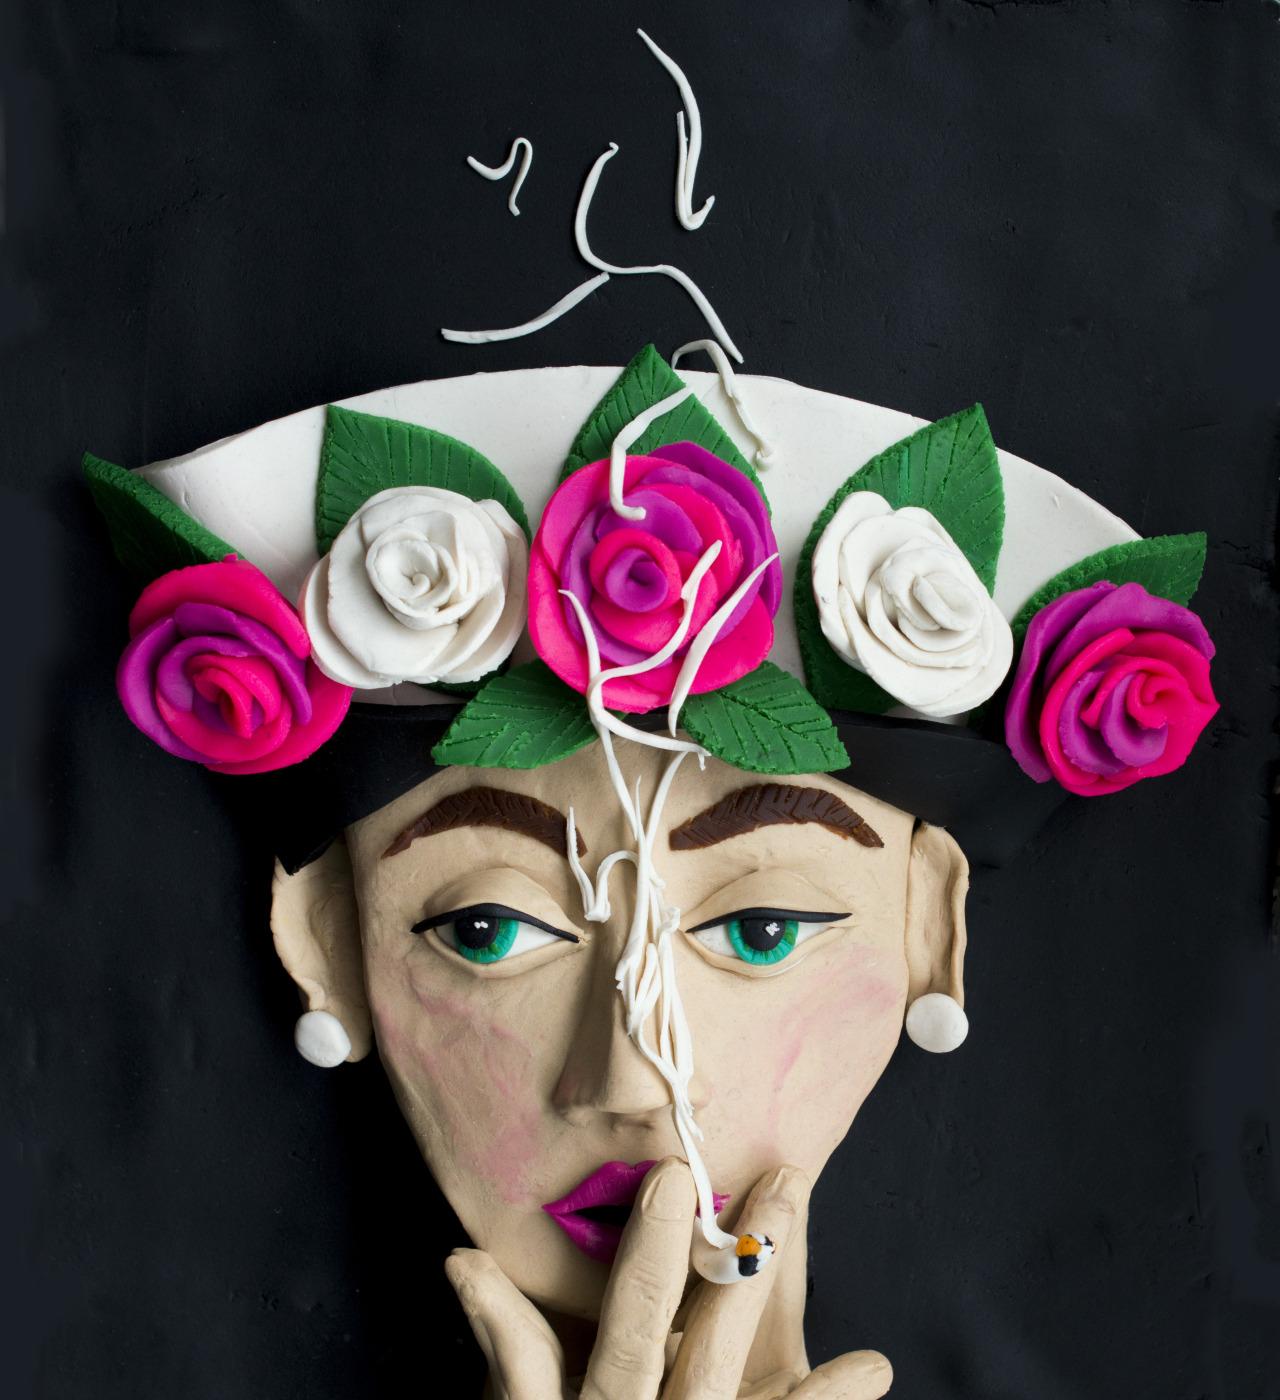 """""""Hat + 5 Roses"""", di William Klein per Paris Vogue, 1956 (guarda l'originale)"""